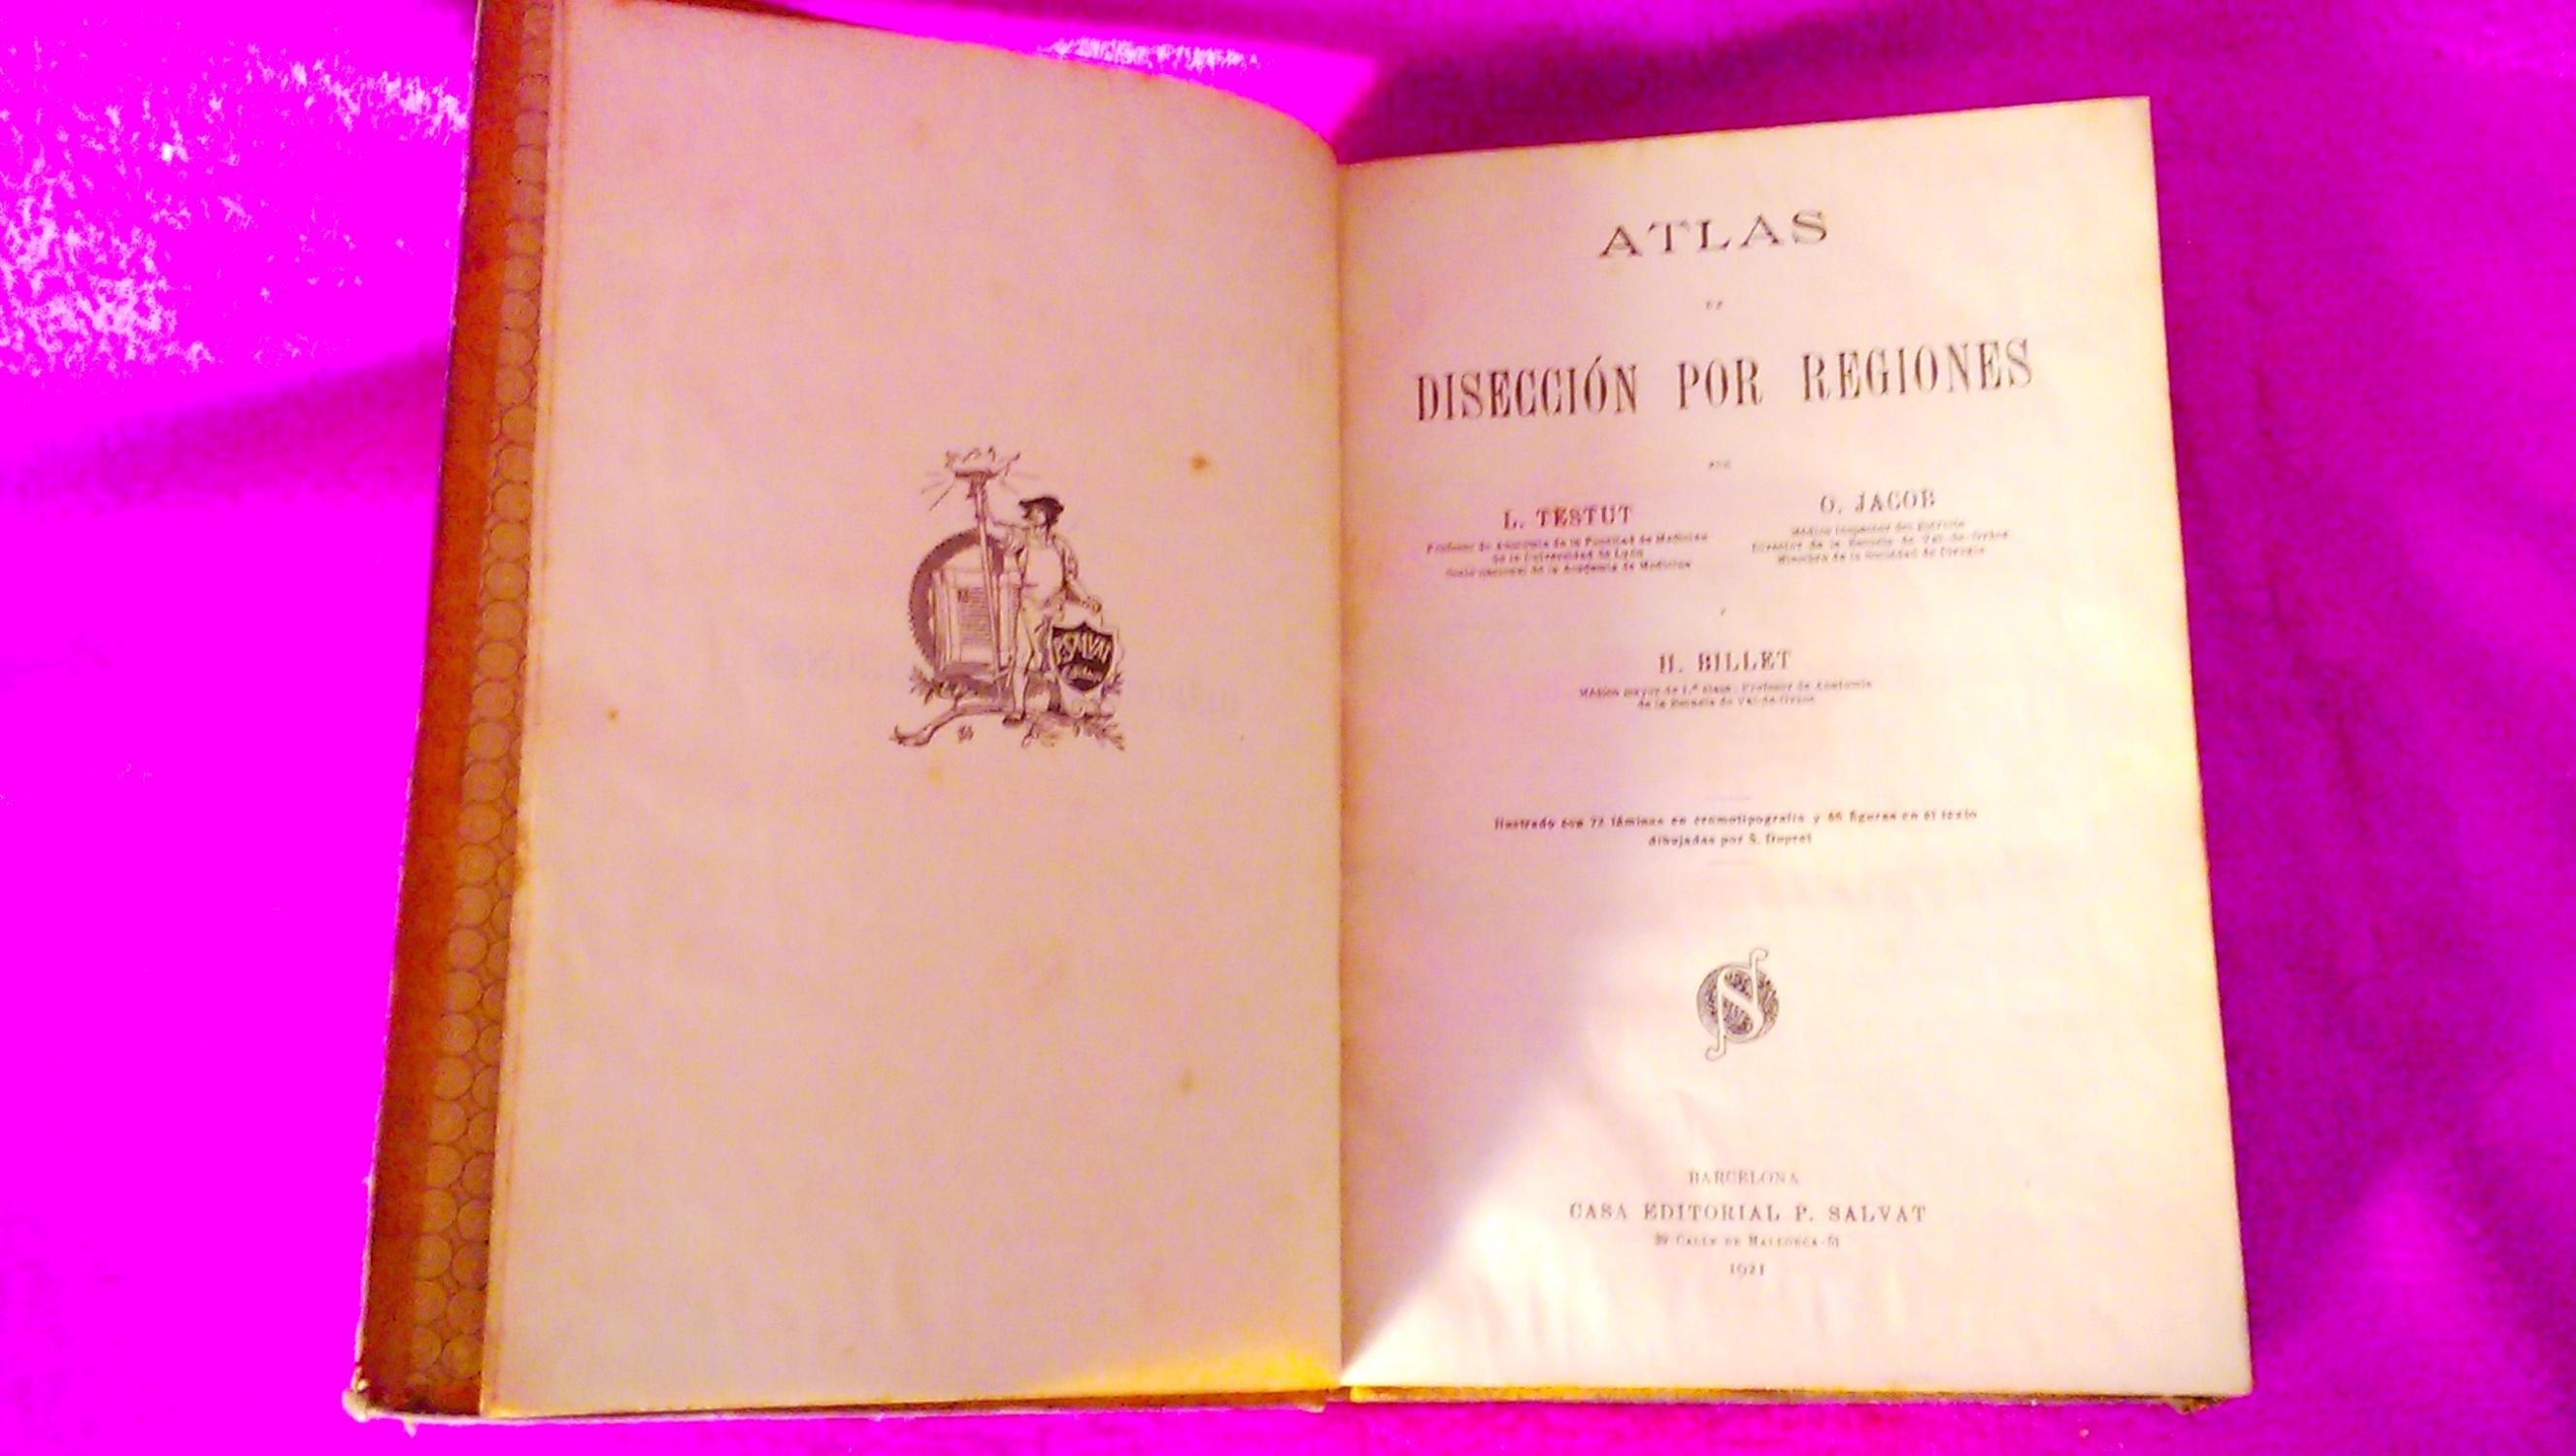 atlas de diseccion de testut